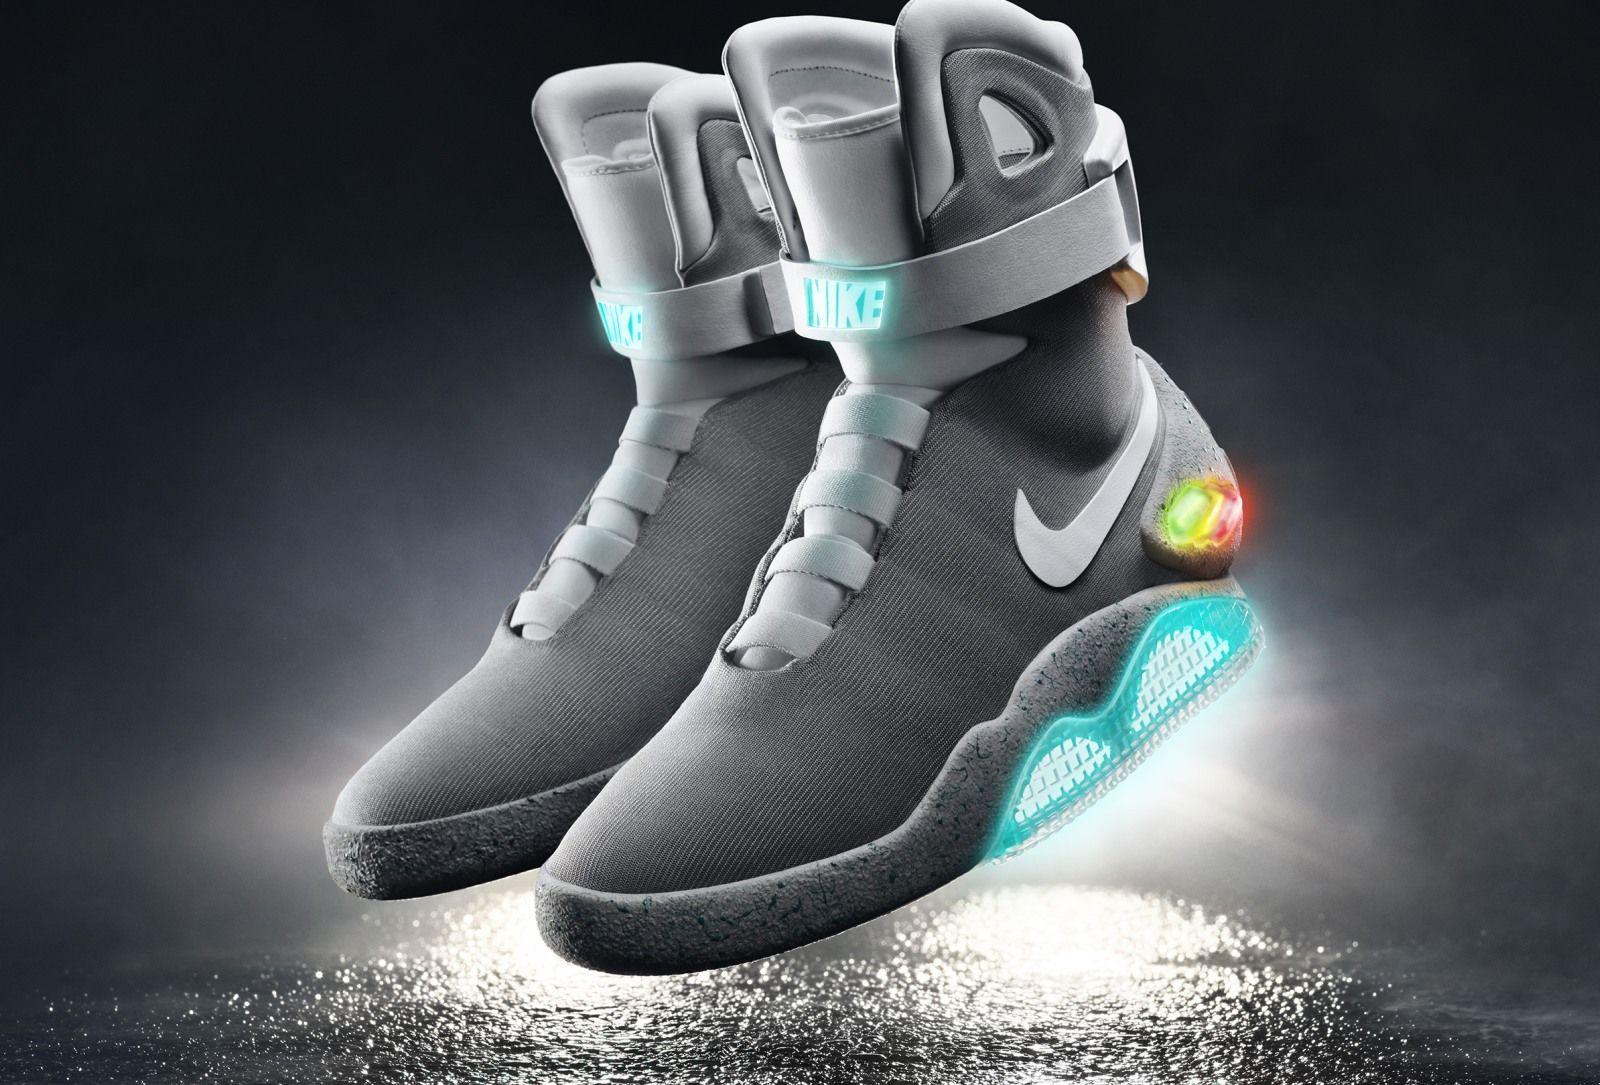 Les baskets autolaçantes de Nike seront de retour en 2019 à